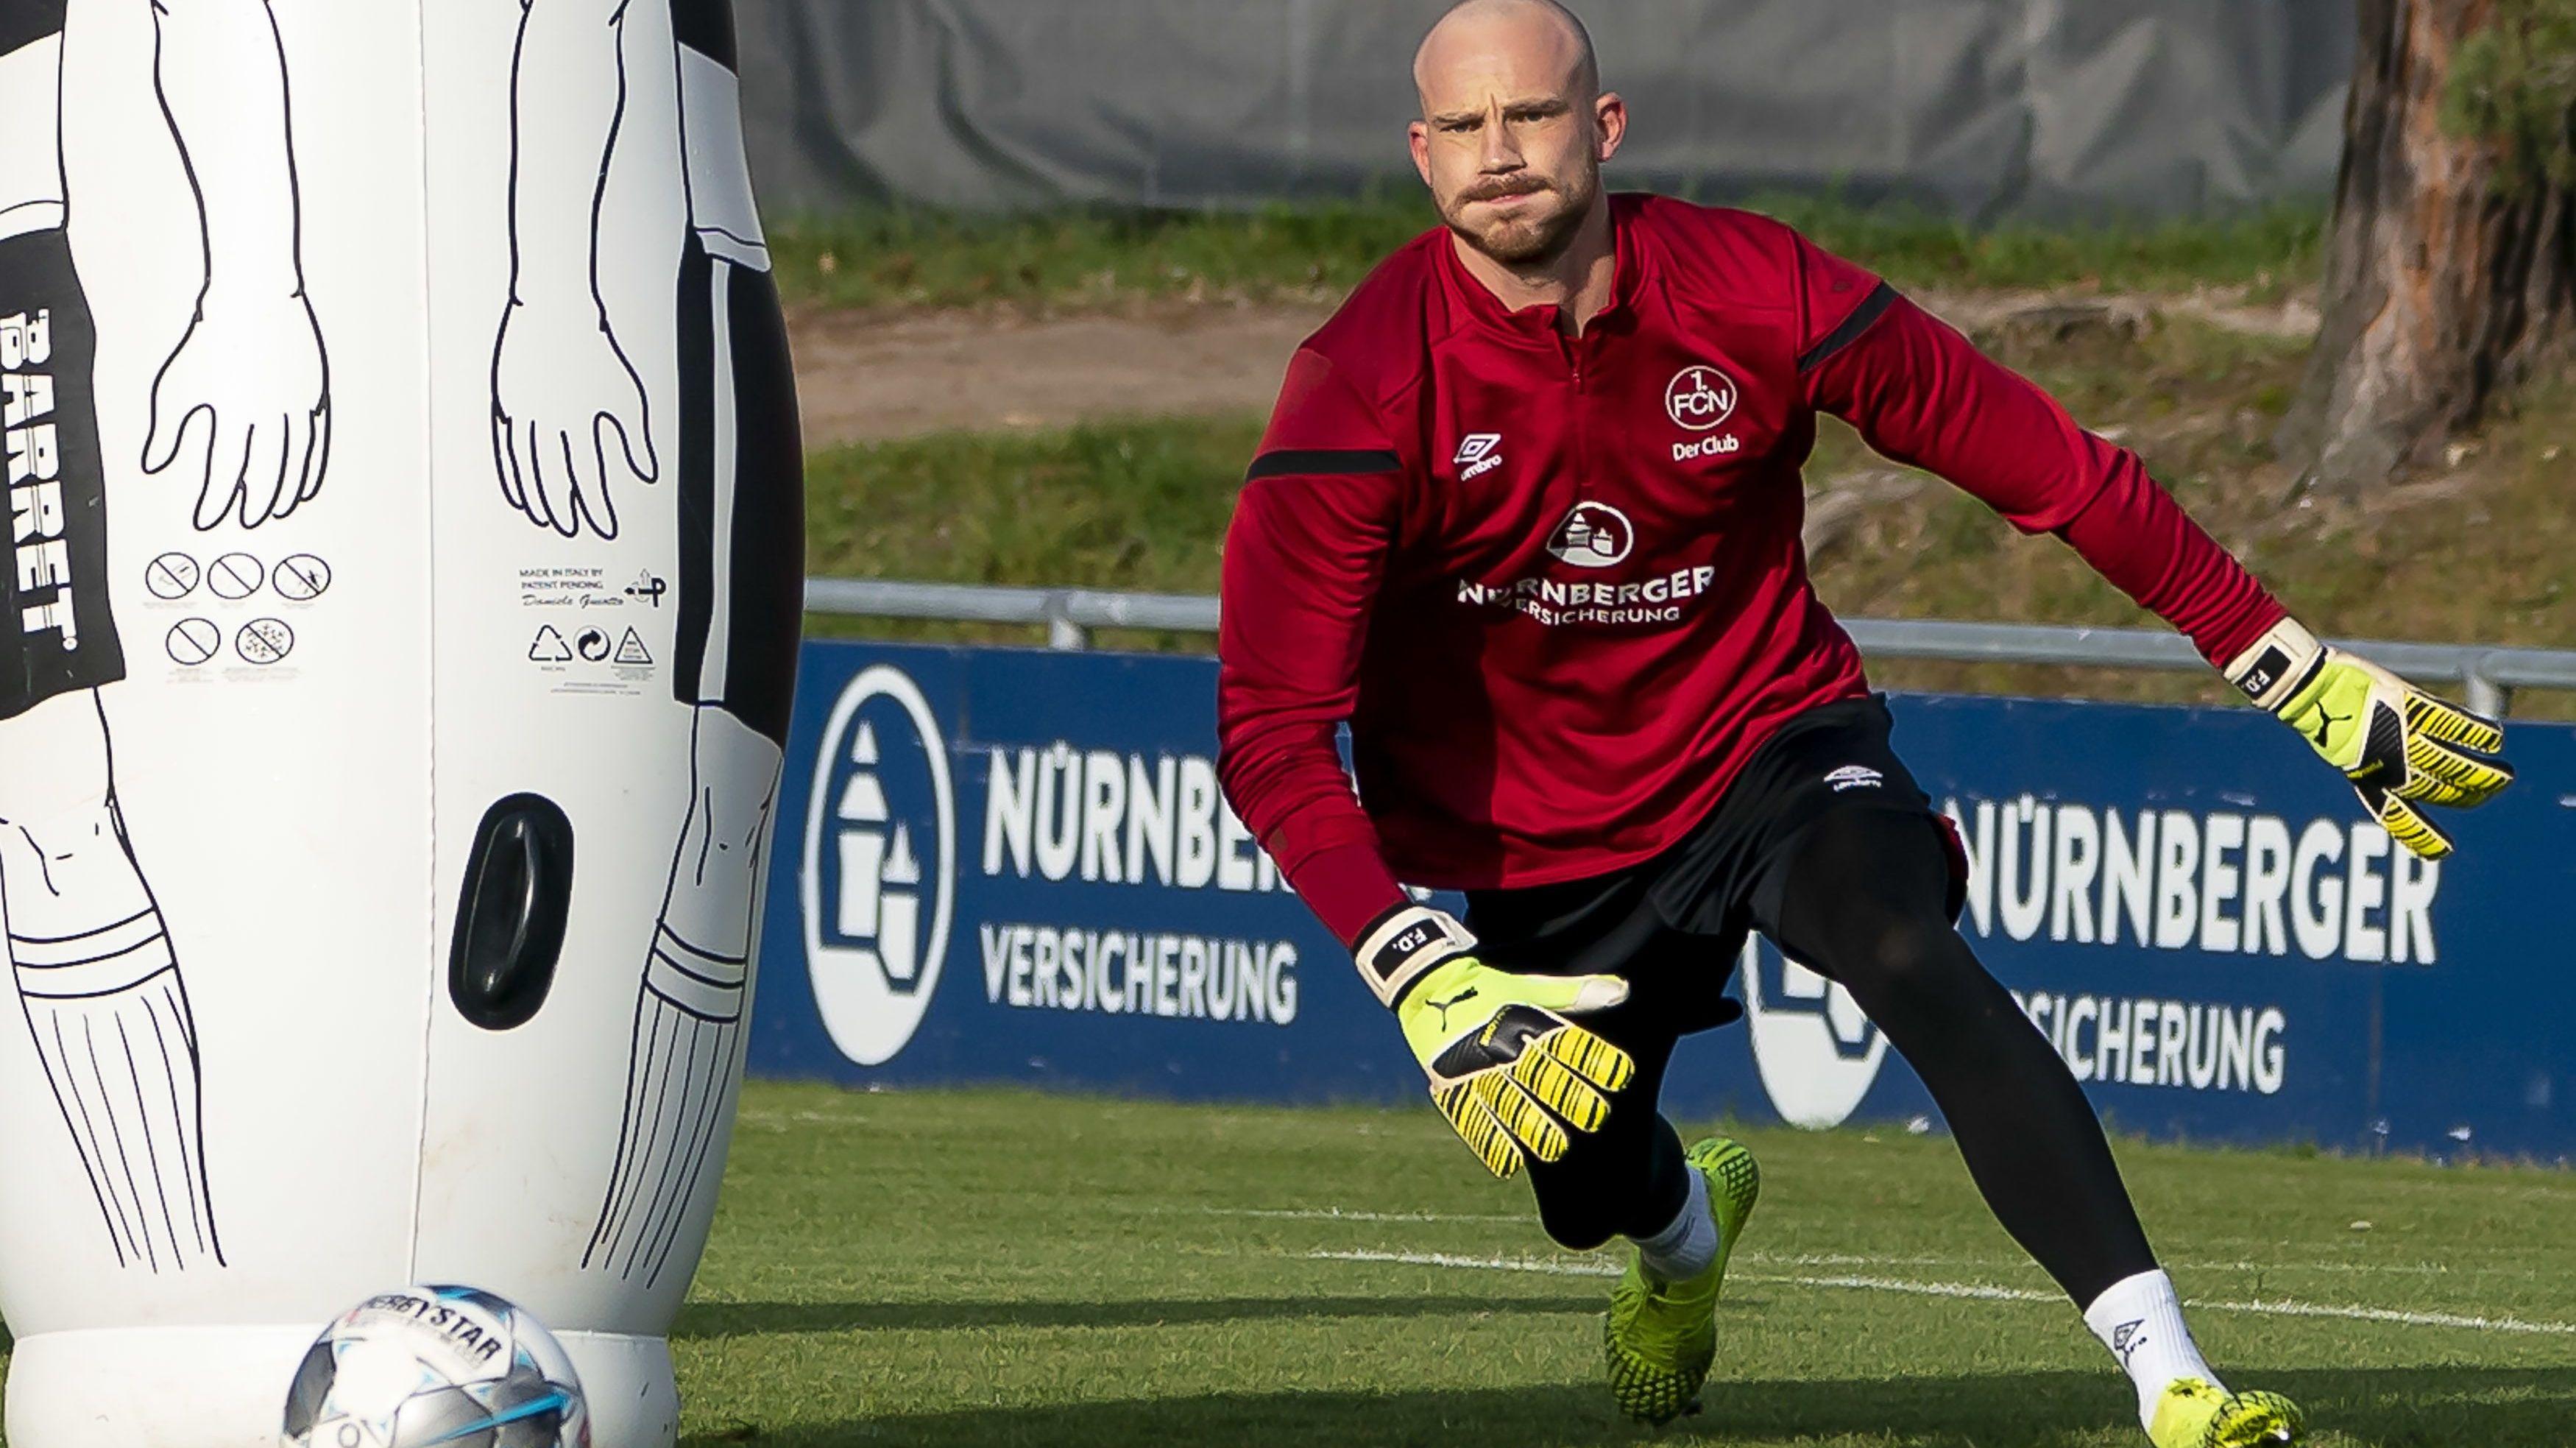 Felix Dornebusch trainiert mit dem 1. FC Nürnberg